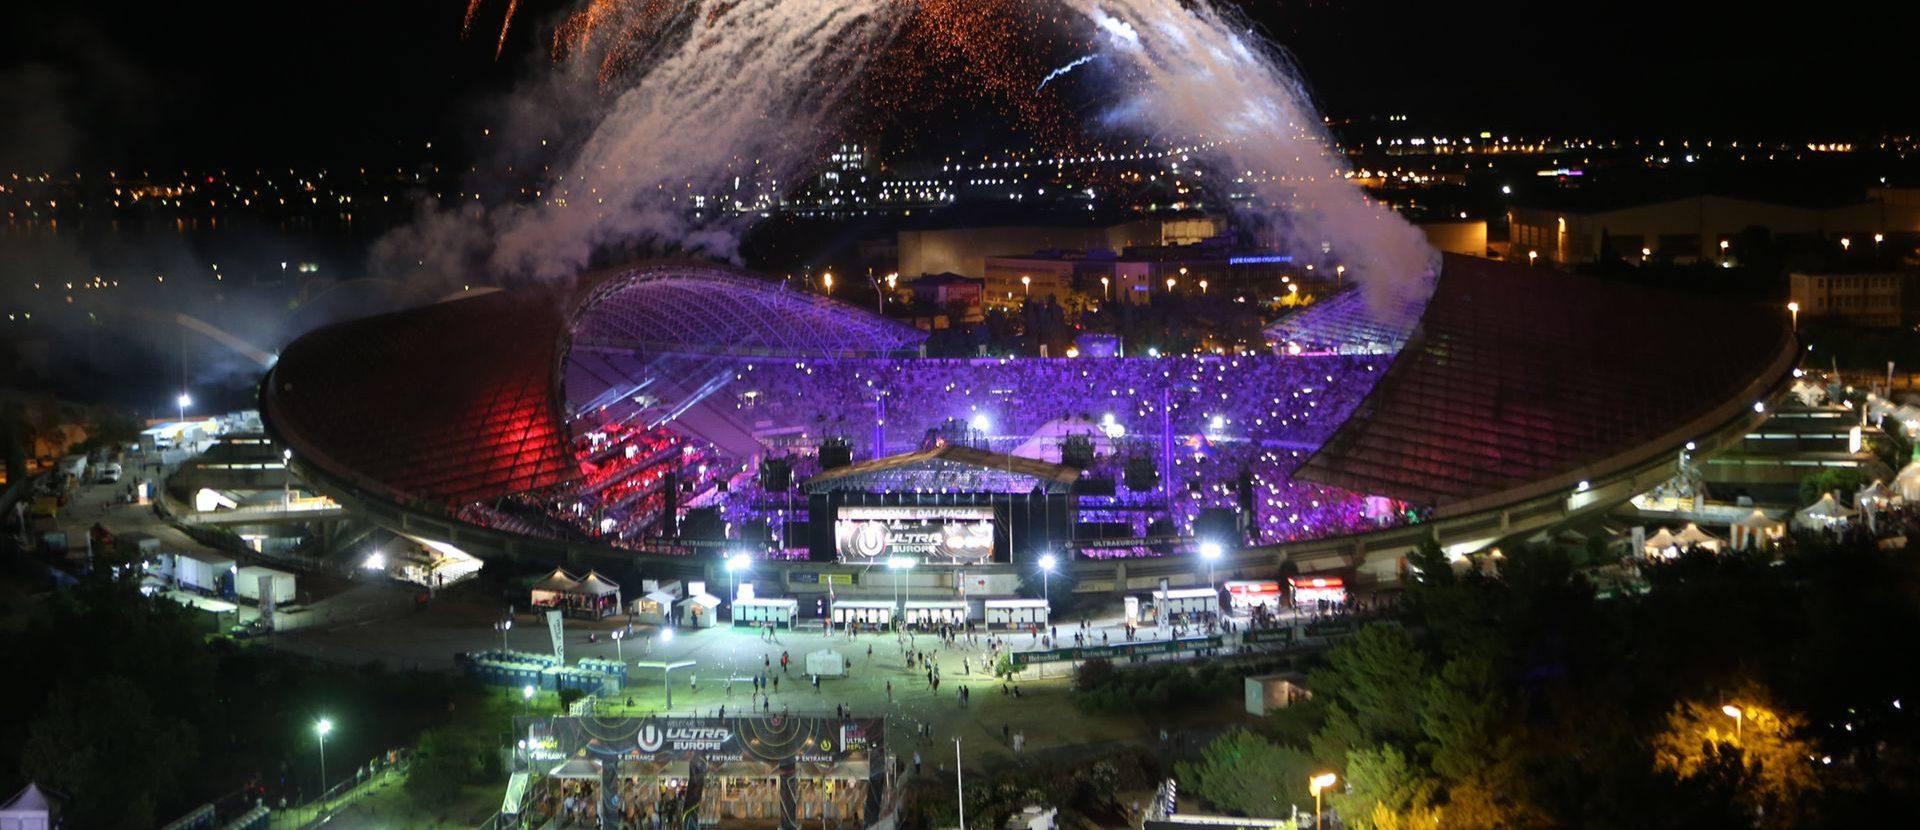 ISTRAŽIVANJE: Potrošnja MDMA-a tijekom Ultre u Splitu povećana dvadeset puta